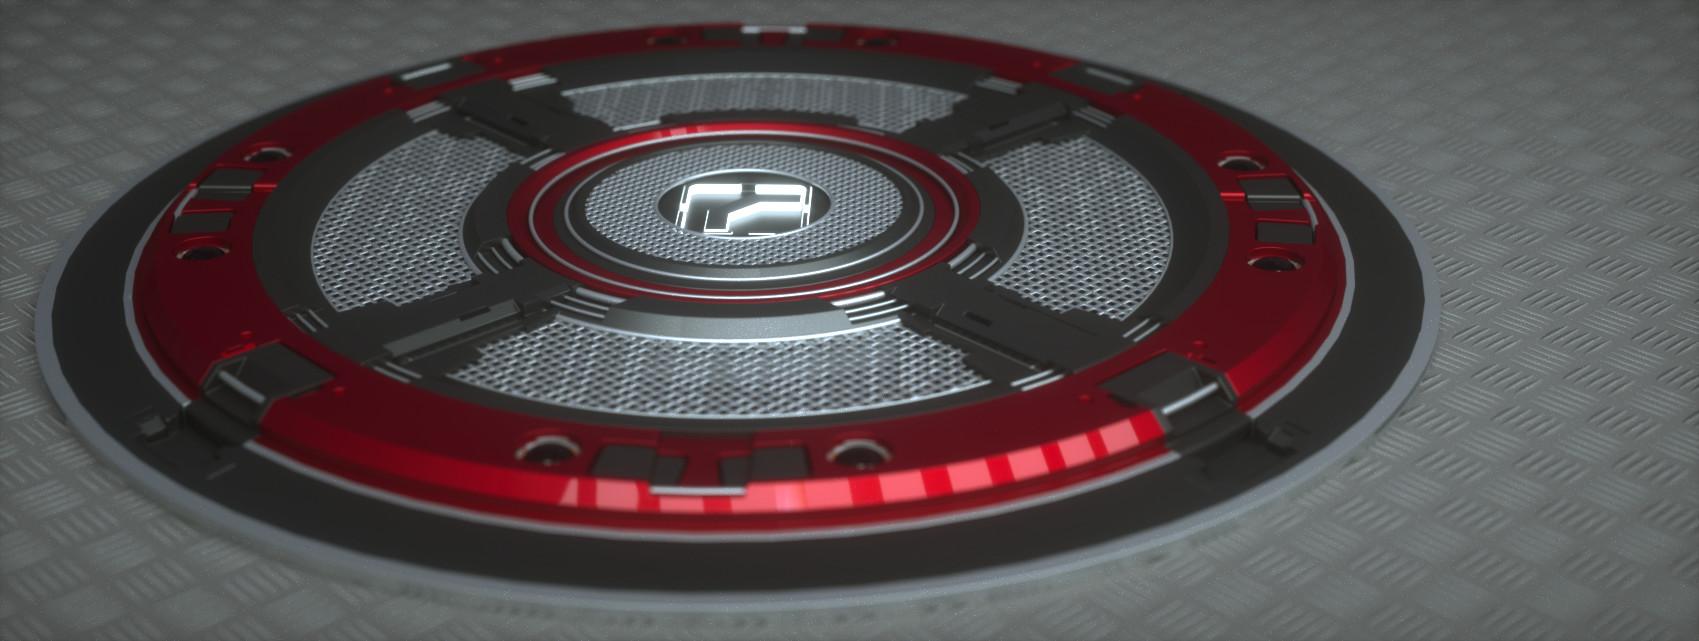 Jerry perkins mx1001 platform9 2